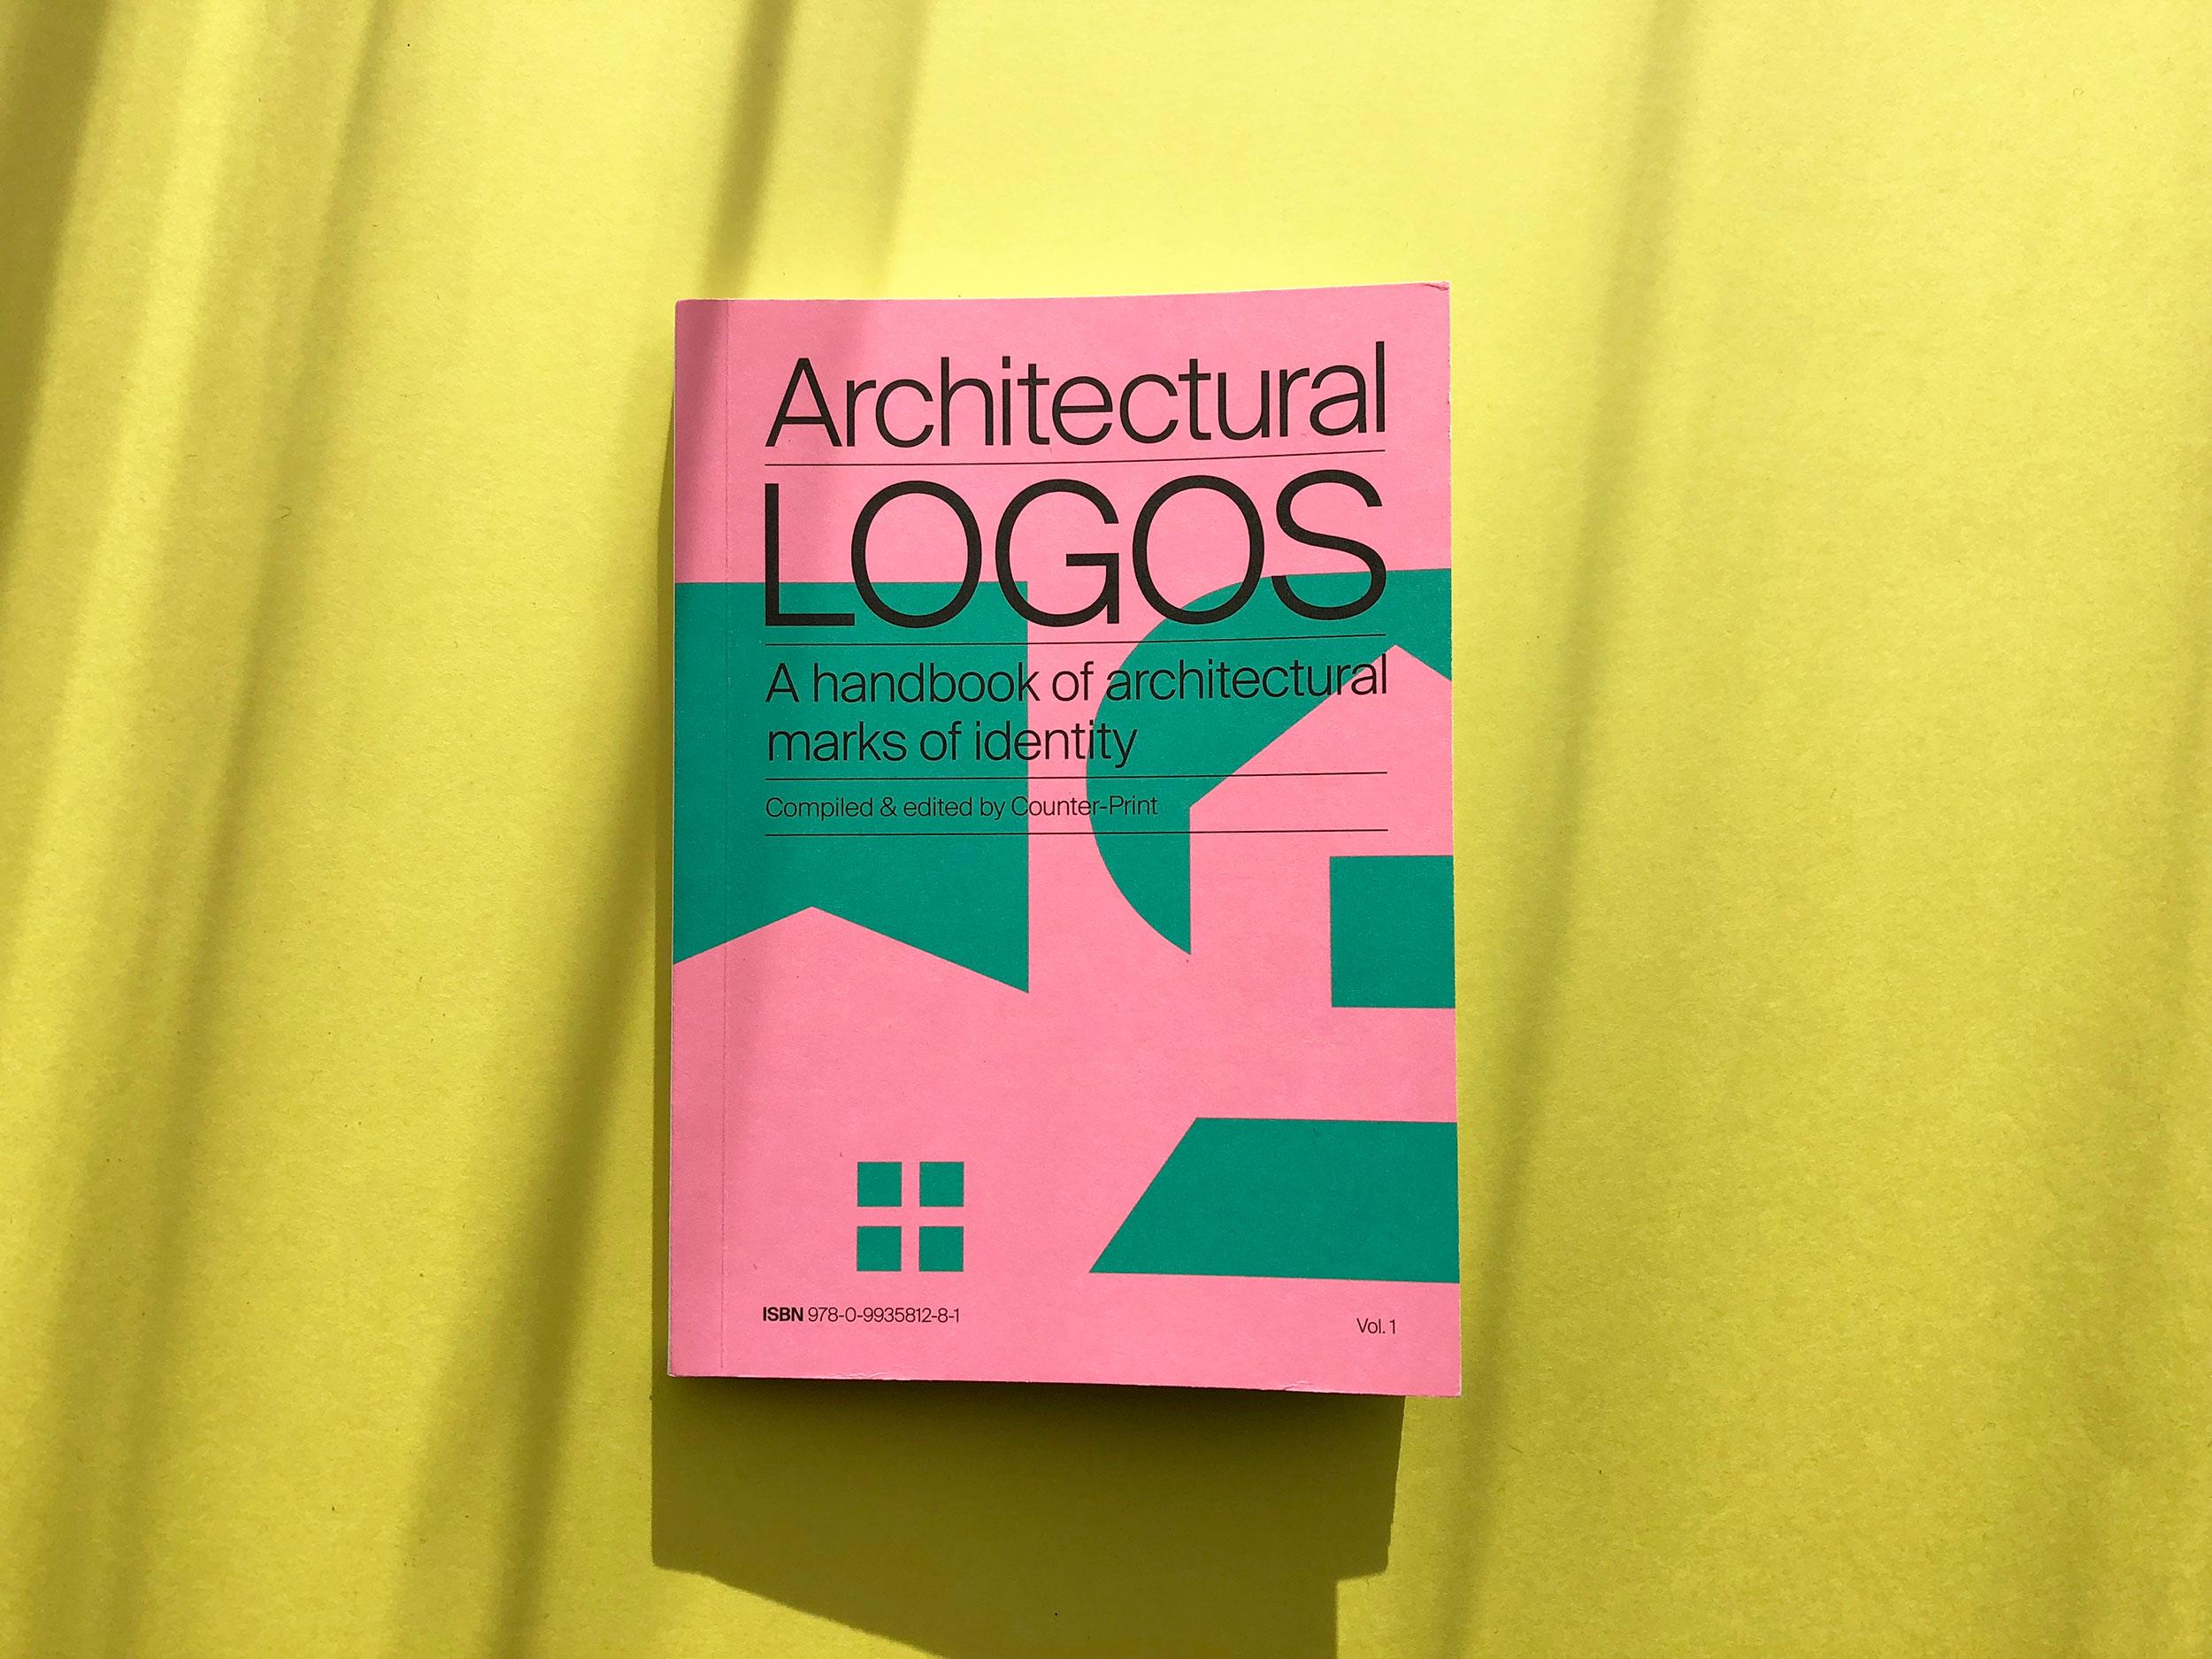 makebardo_ArchitecturalLogos_05.JPG